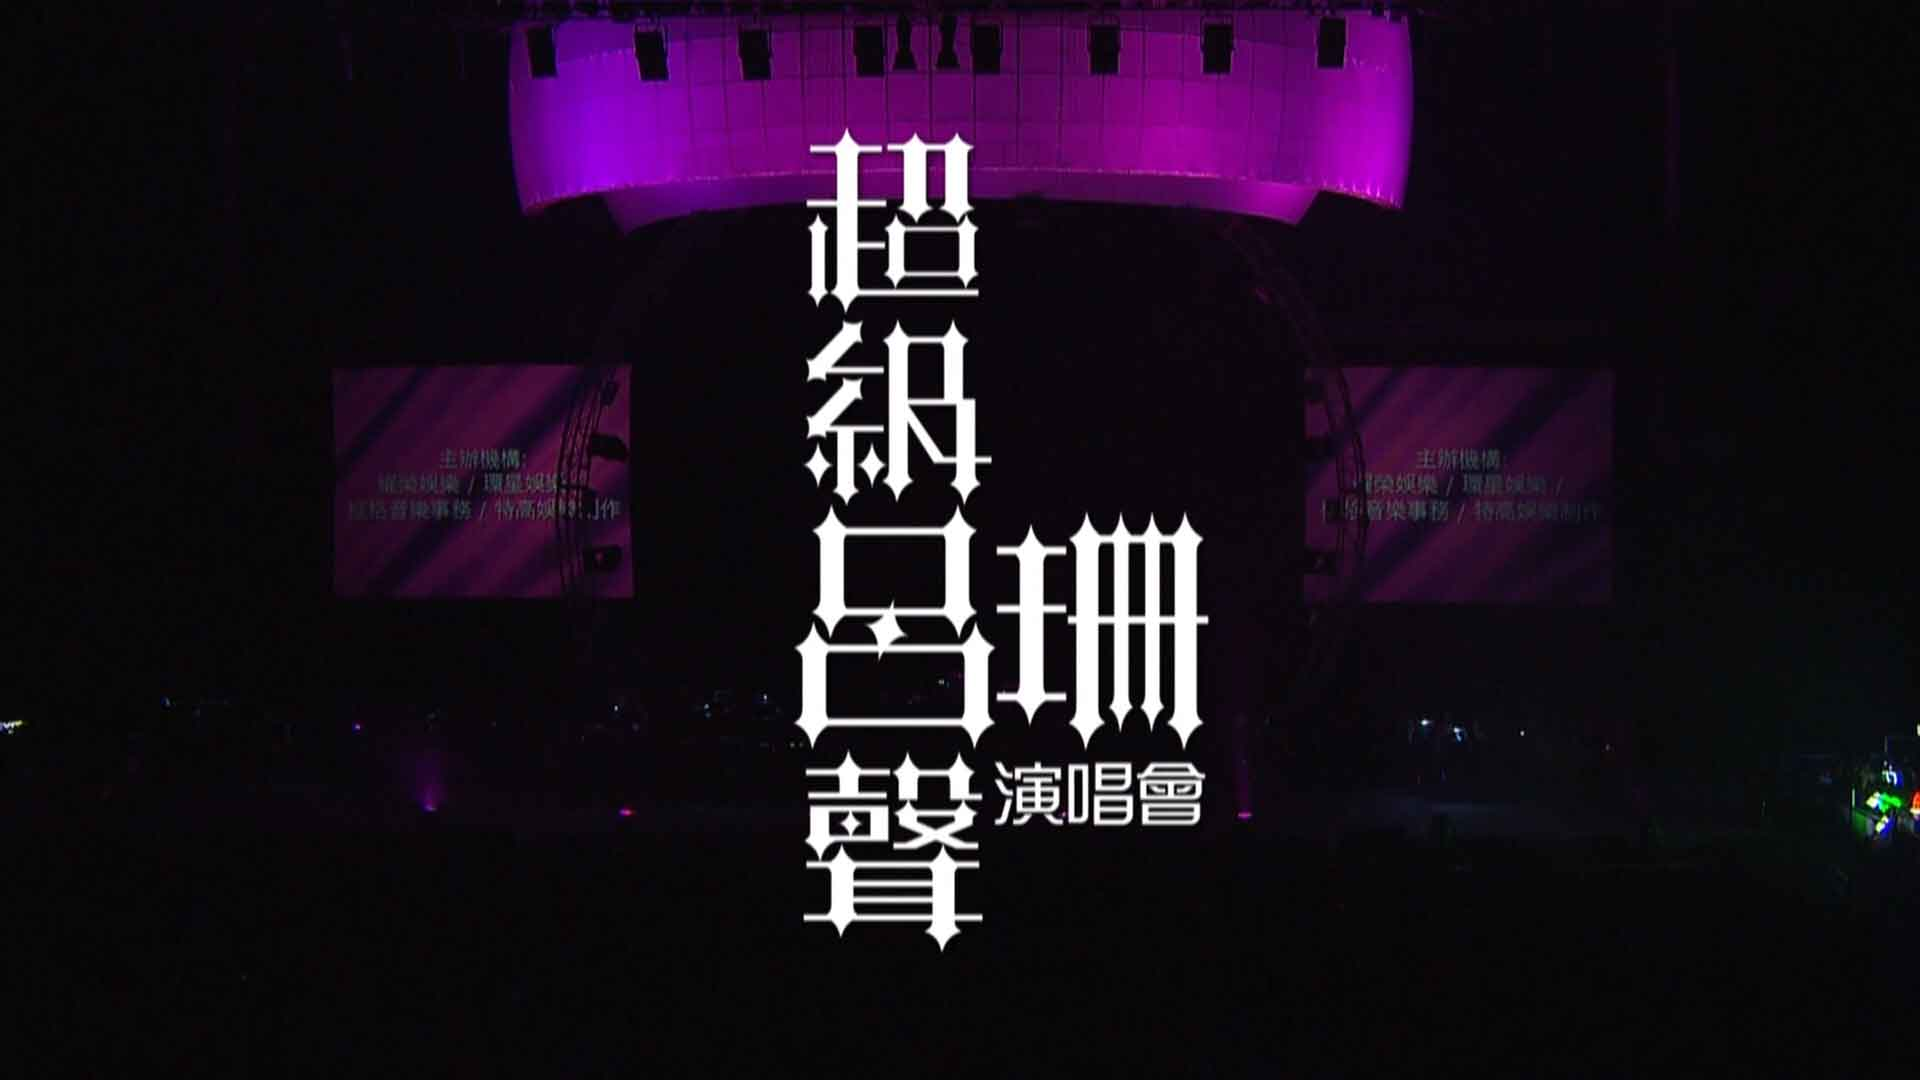 [蓝光原盘] 超级吕声 吕珊 香港演唱会 Rosanne Lui Live Concert 2011 Karaoke HK《BDMV 43.49G》